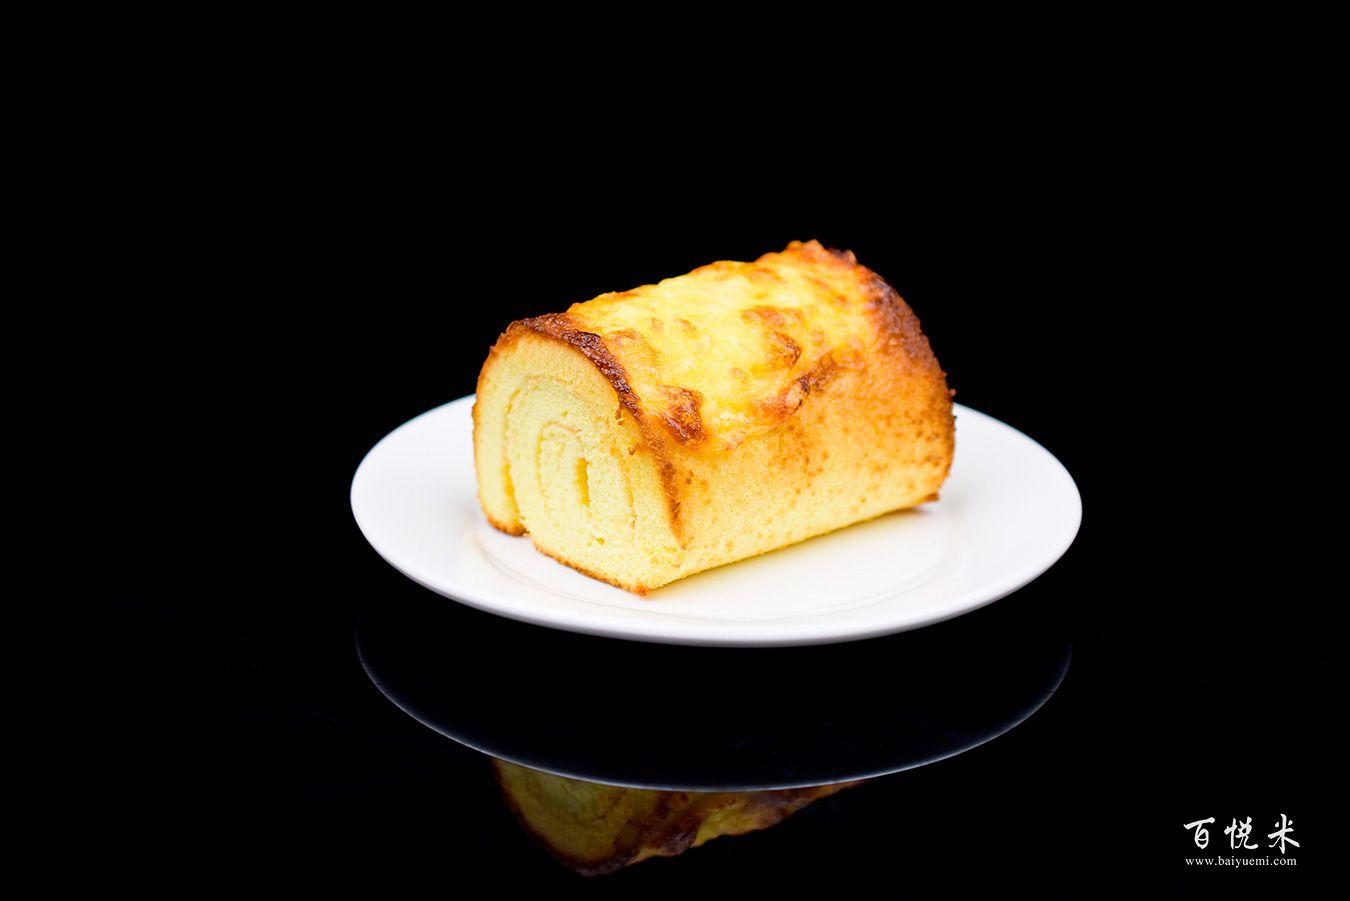 恩格蛋糕卷高清图片大全【蛋糕图片】_580